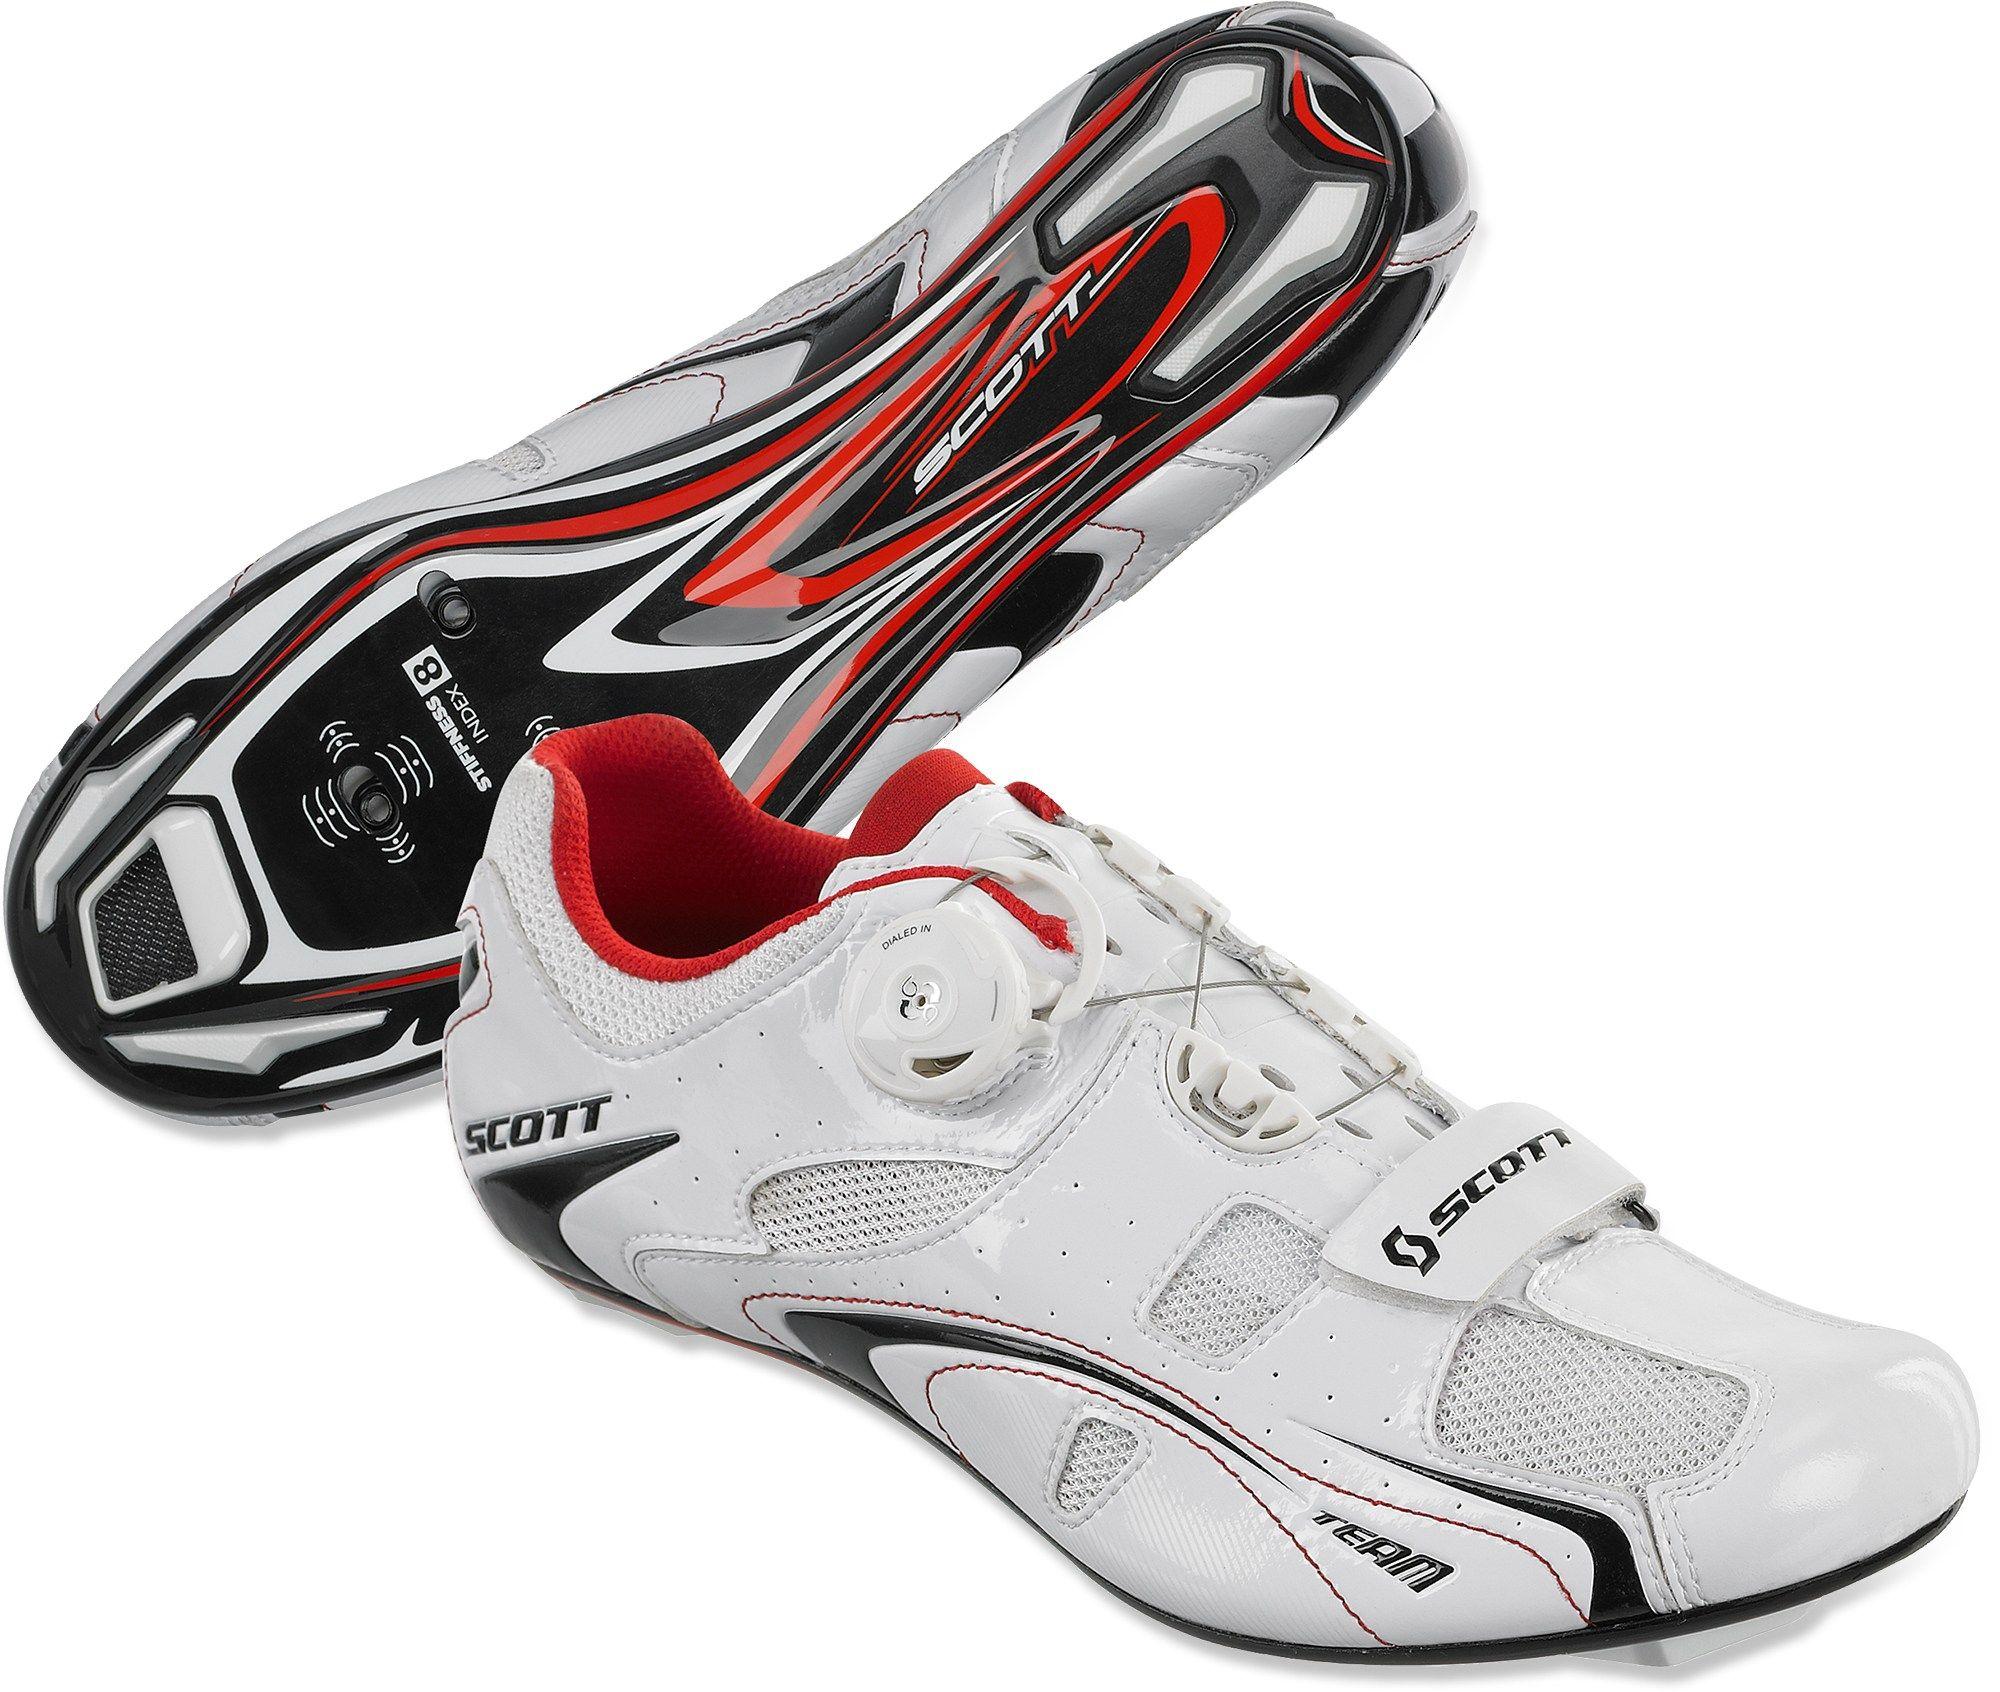 nouveau style et luxe magasiner pour le luxe offres exclusives Scott Male Road Team Boa Shoe   *Sporting Goods*   Shoes ...